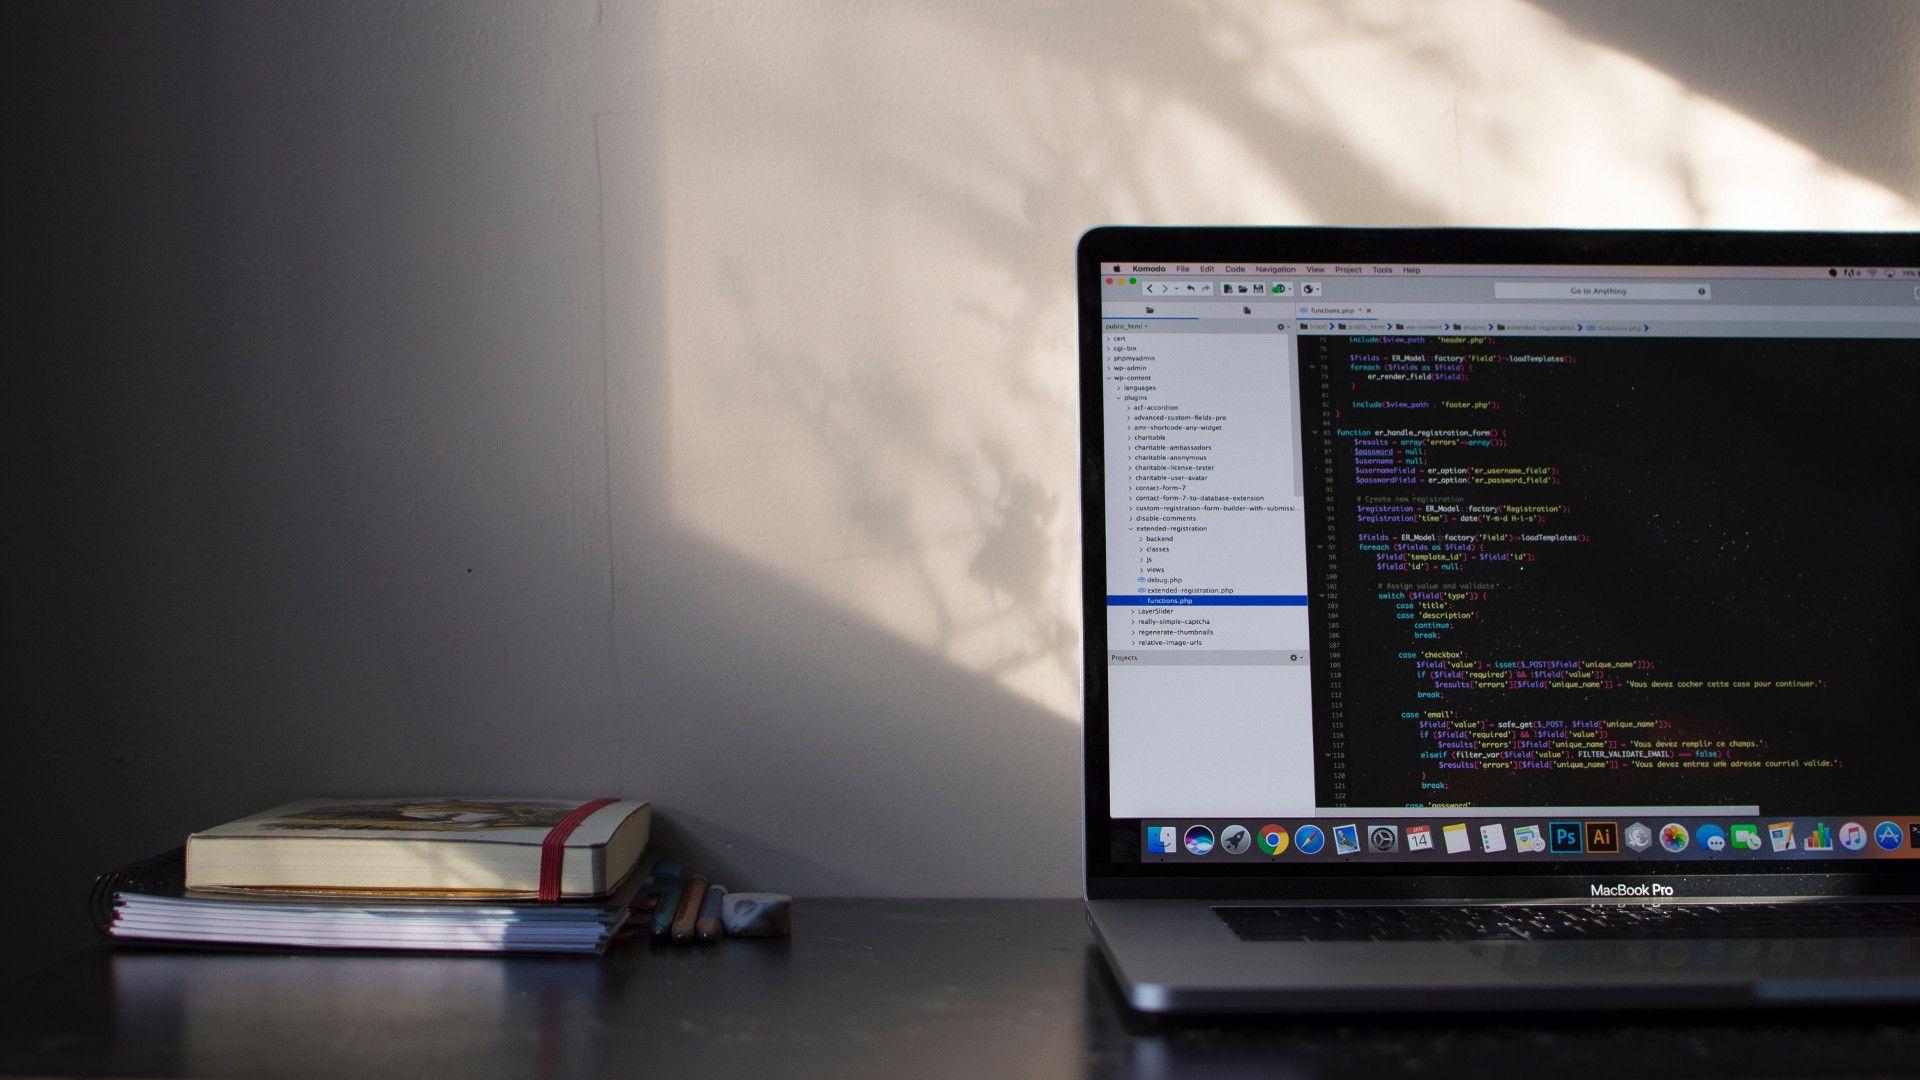 Coding background image